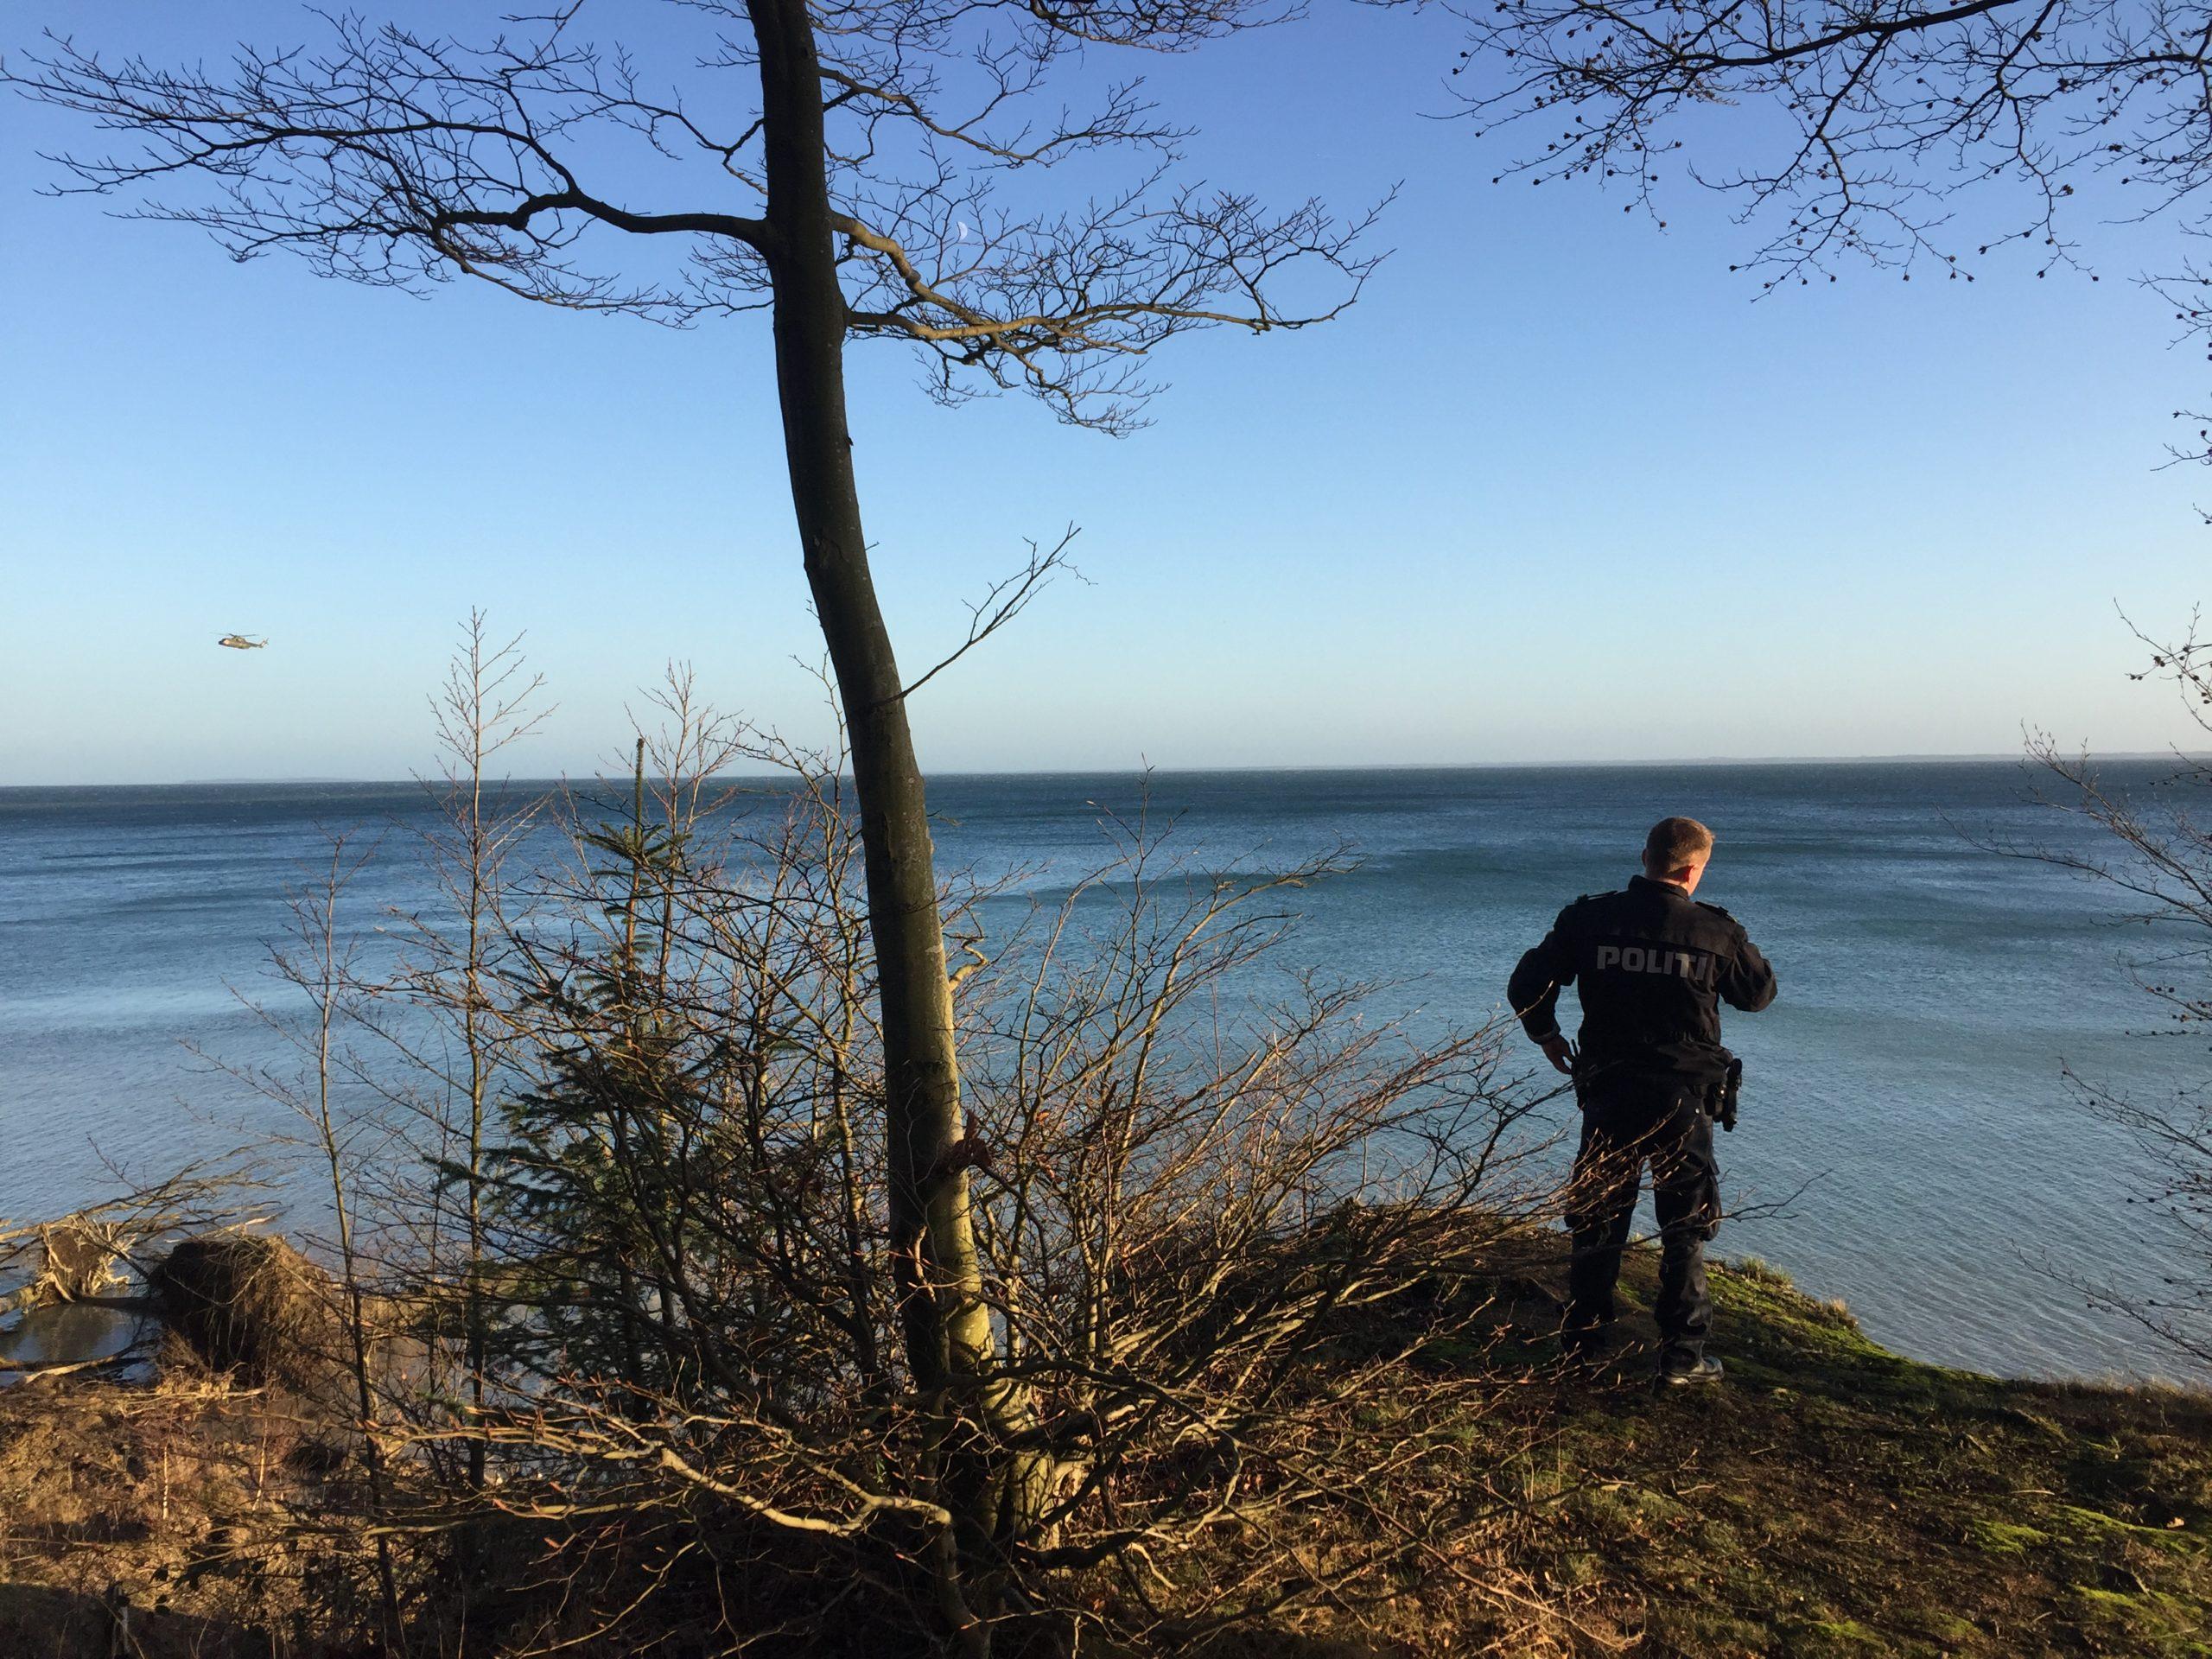 Efter eftersøgning på Trelde Næs : 33-årig kvinde savnes